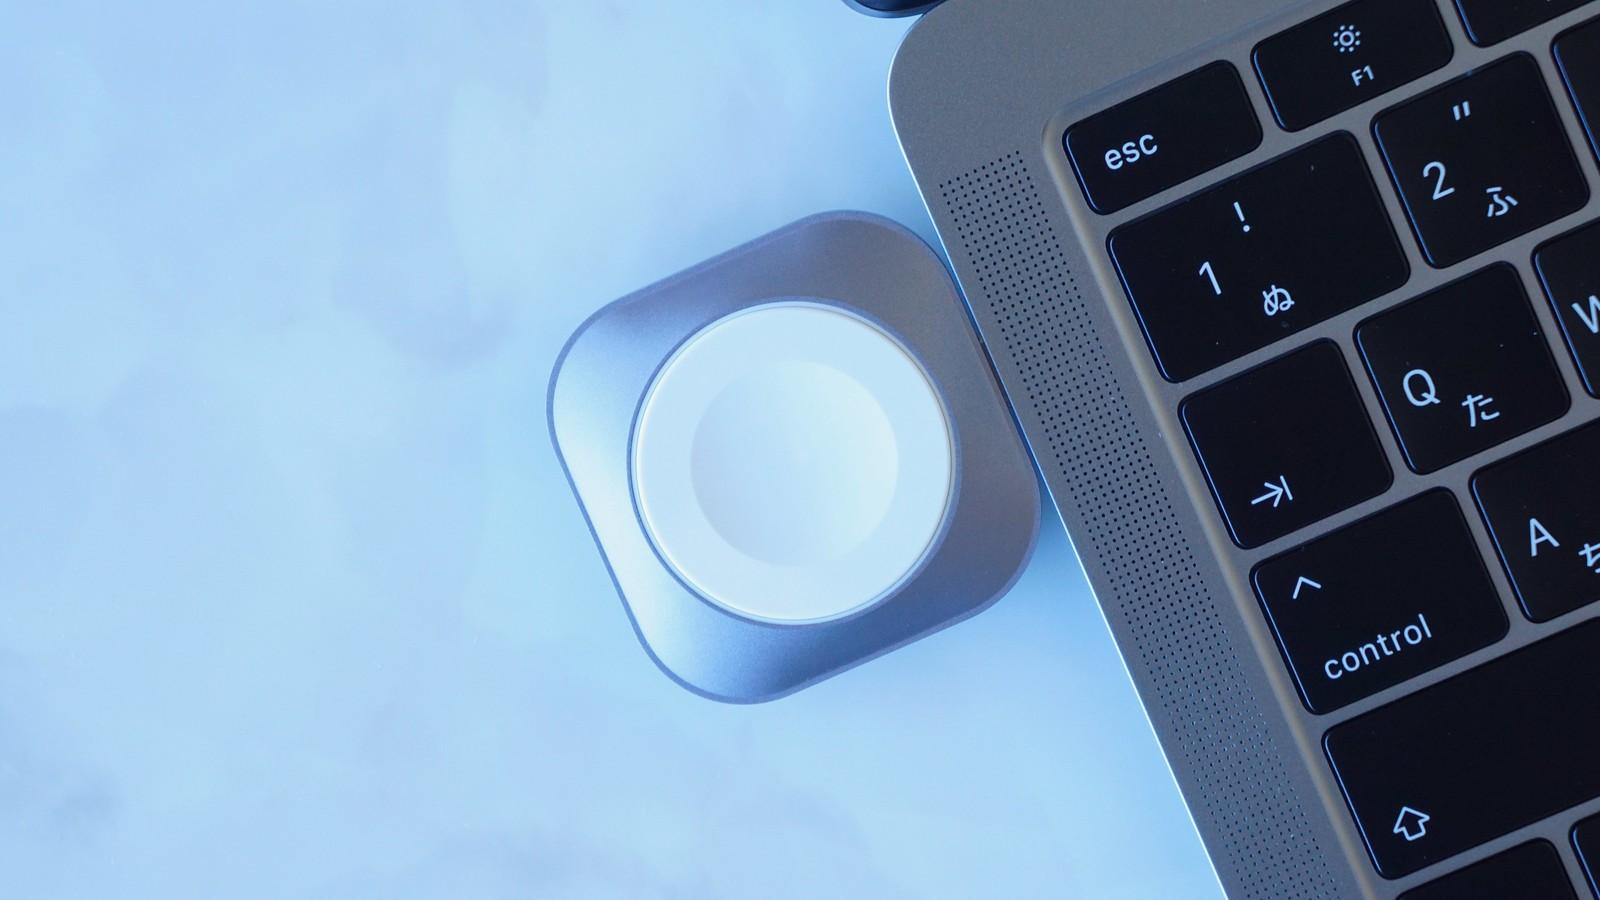 MacBookに直挿し充電